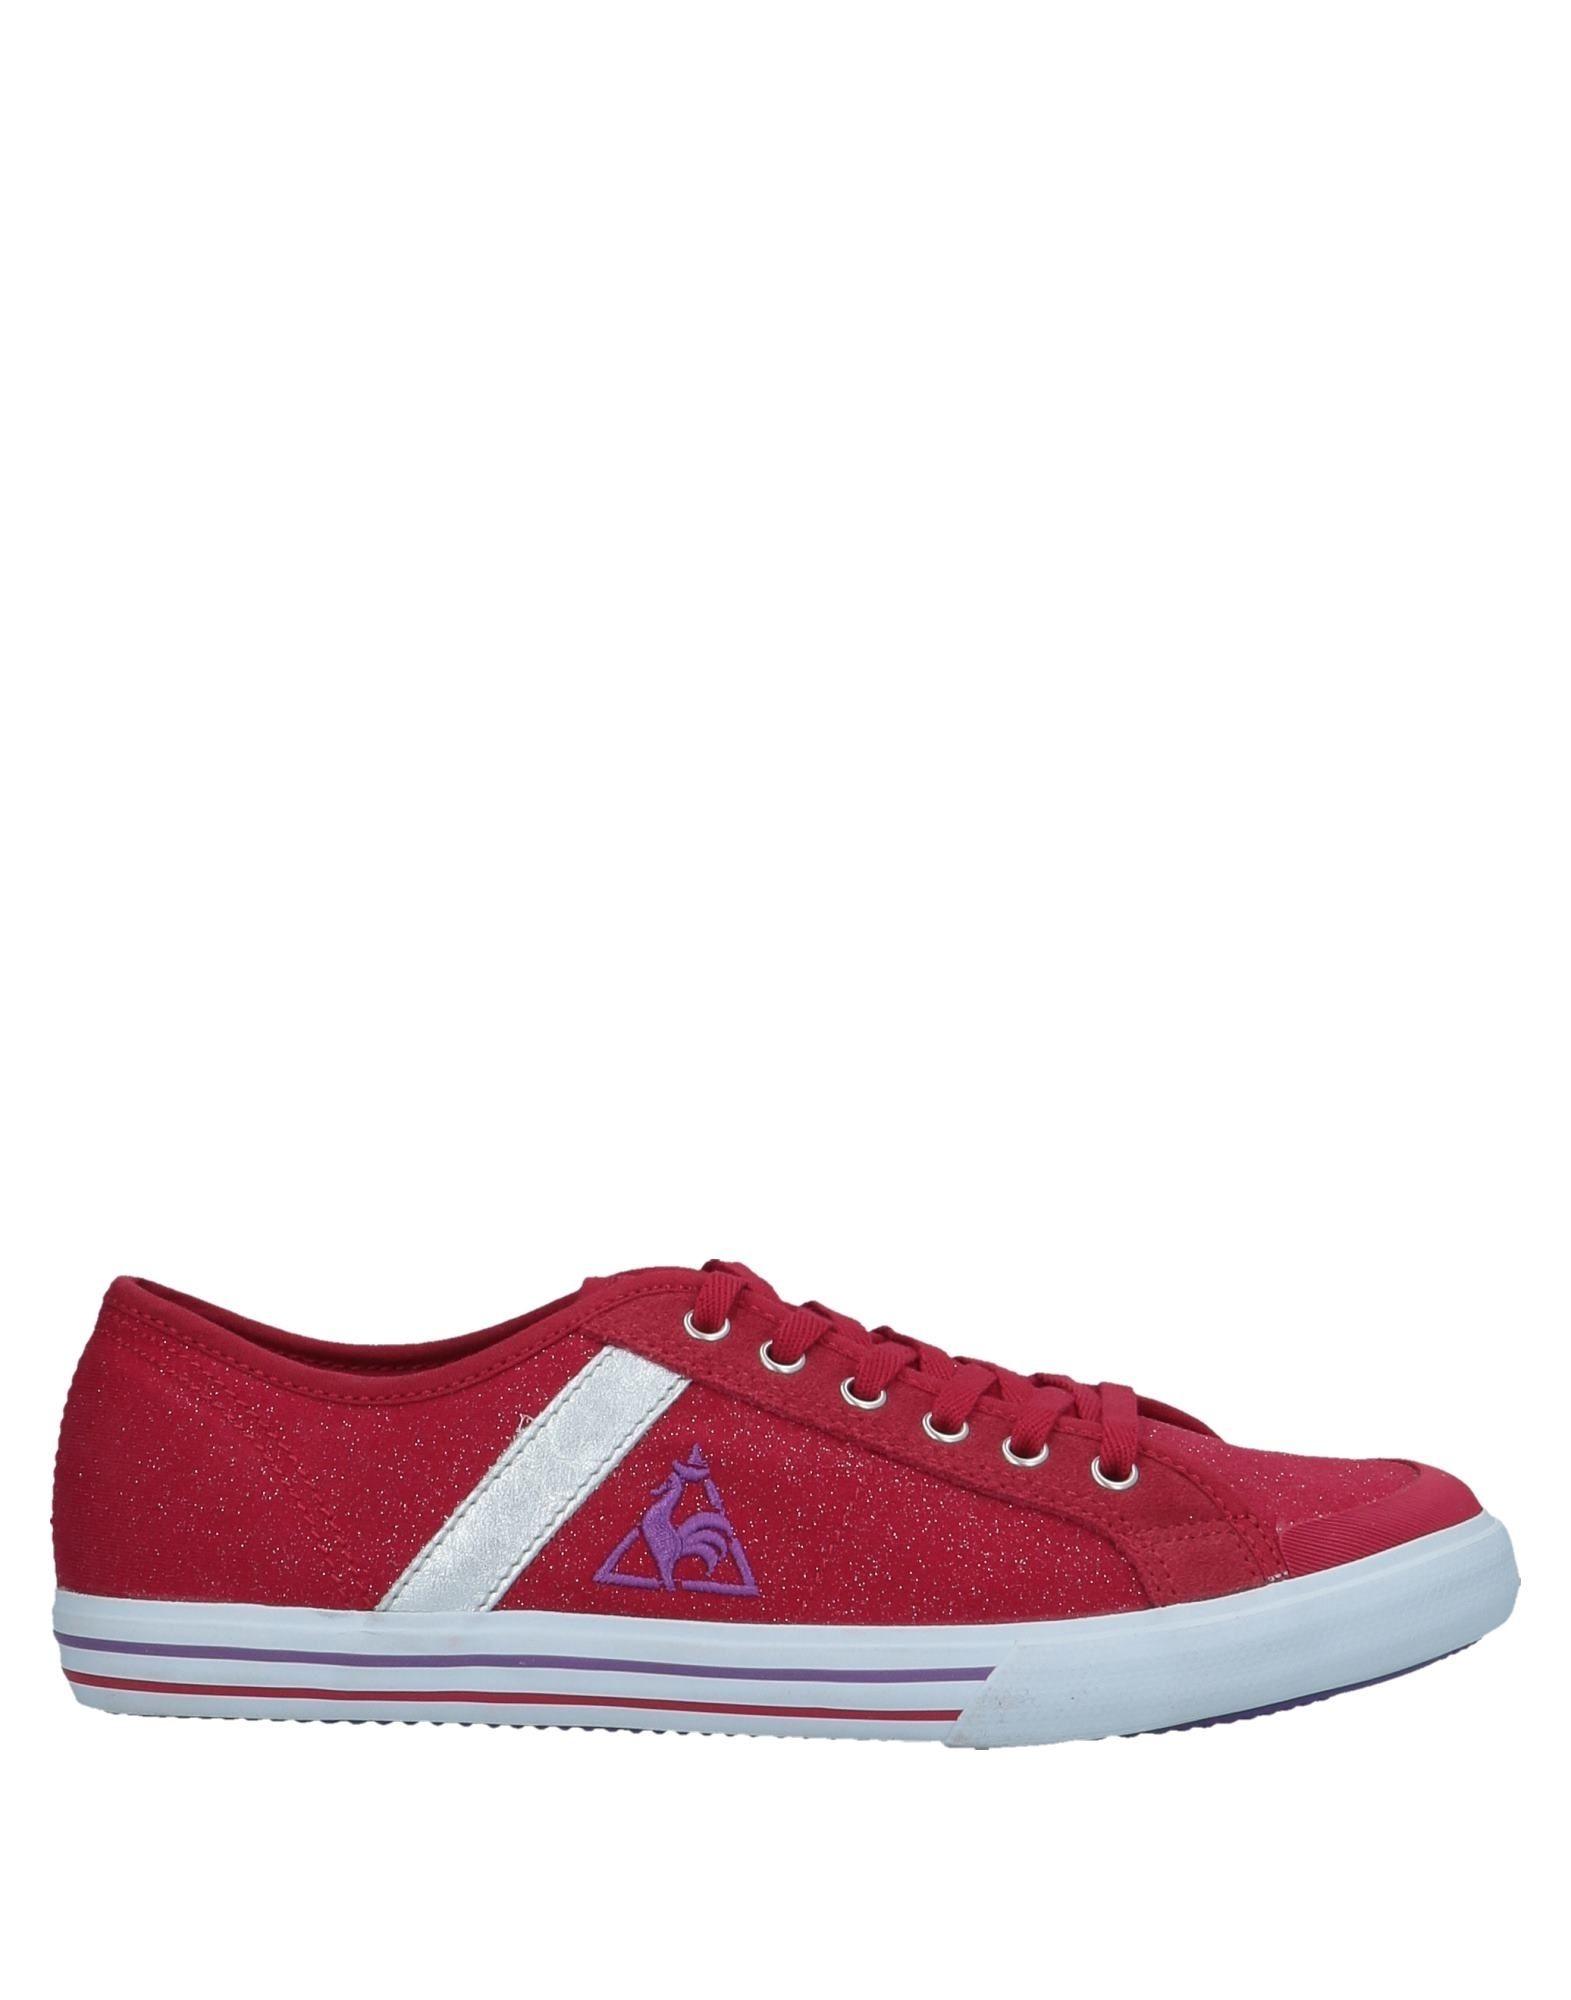 Le Coq Sportif Sneakers Schuhe Damen  11536904CN Neue Schuhe Sneakers 29cd83